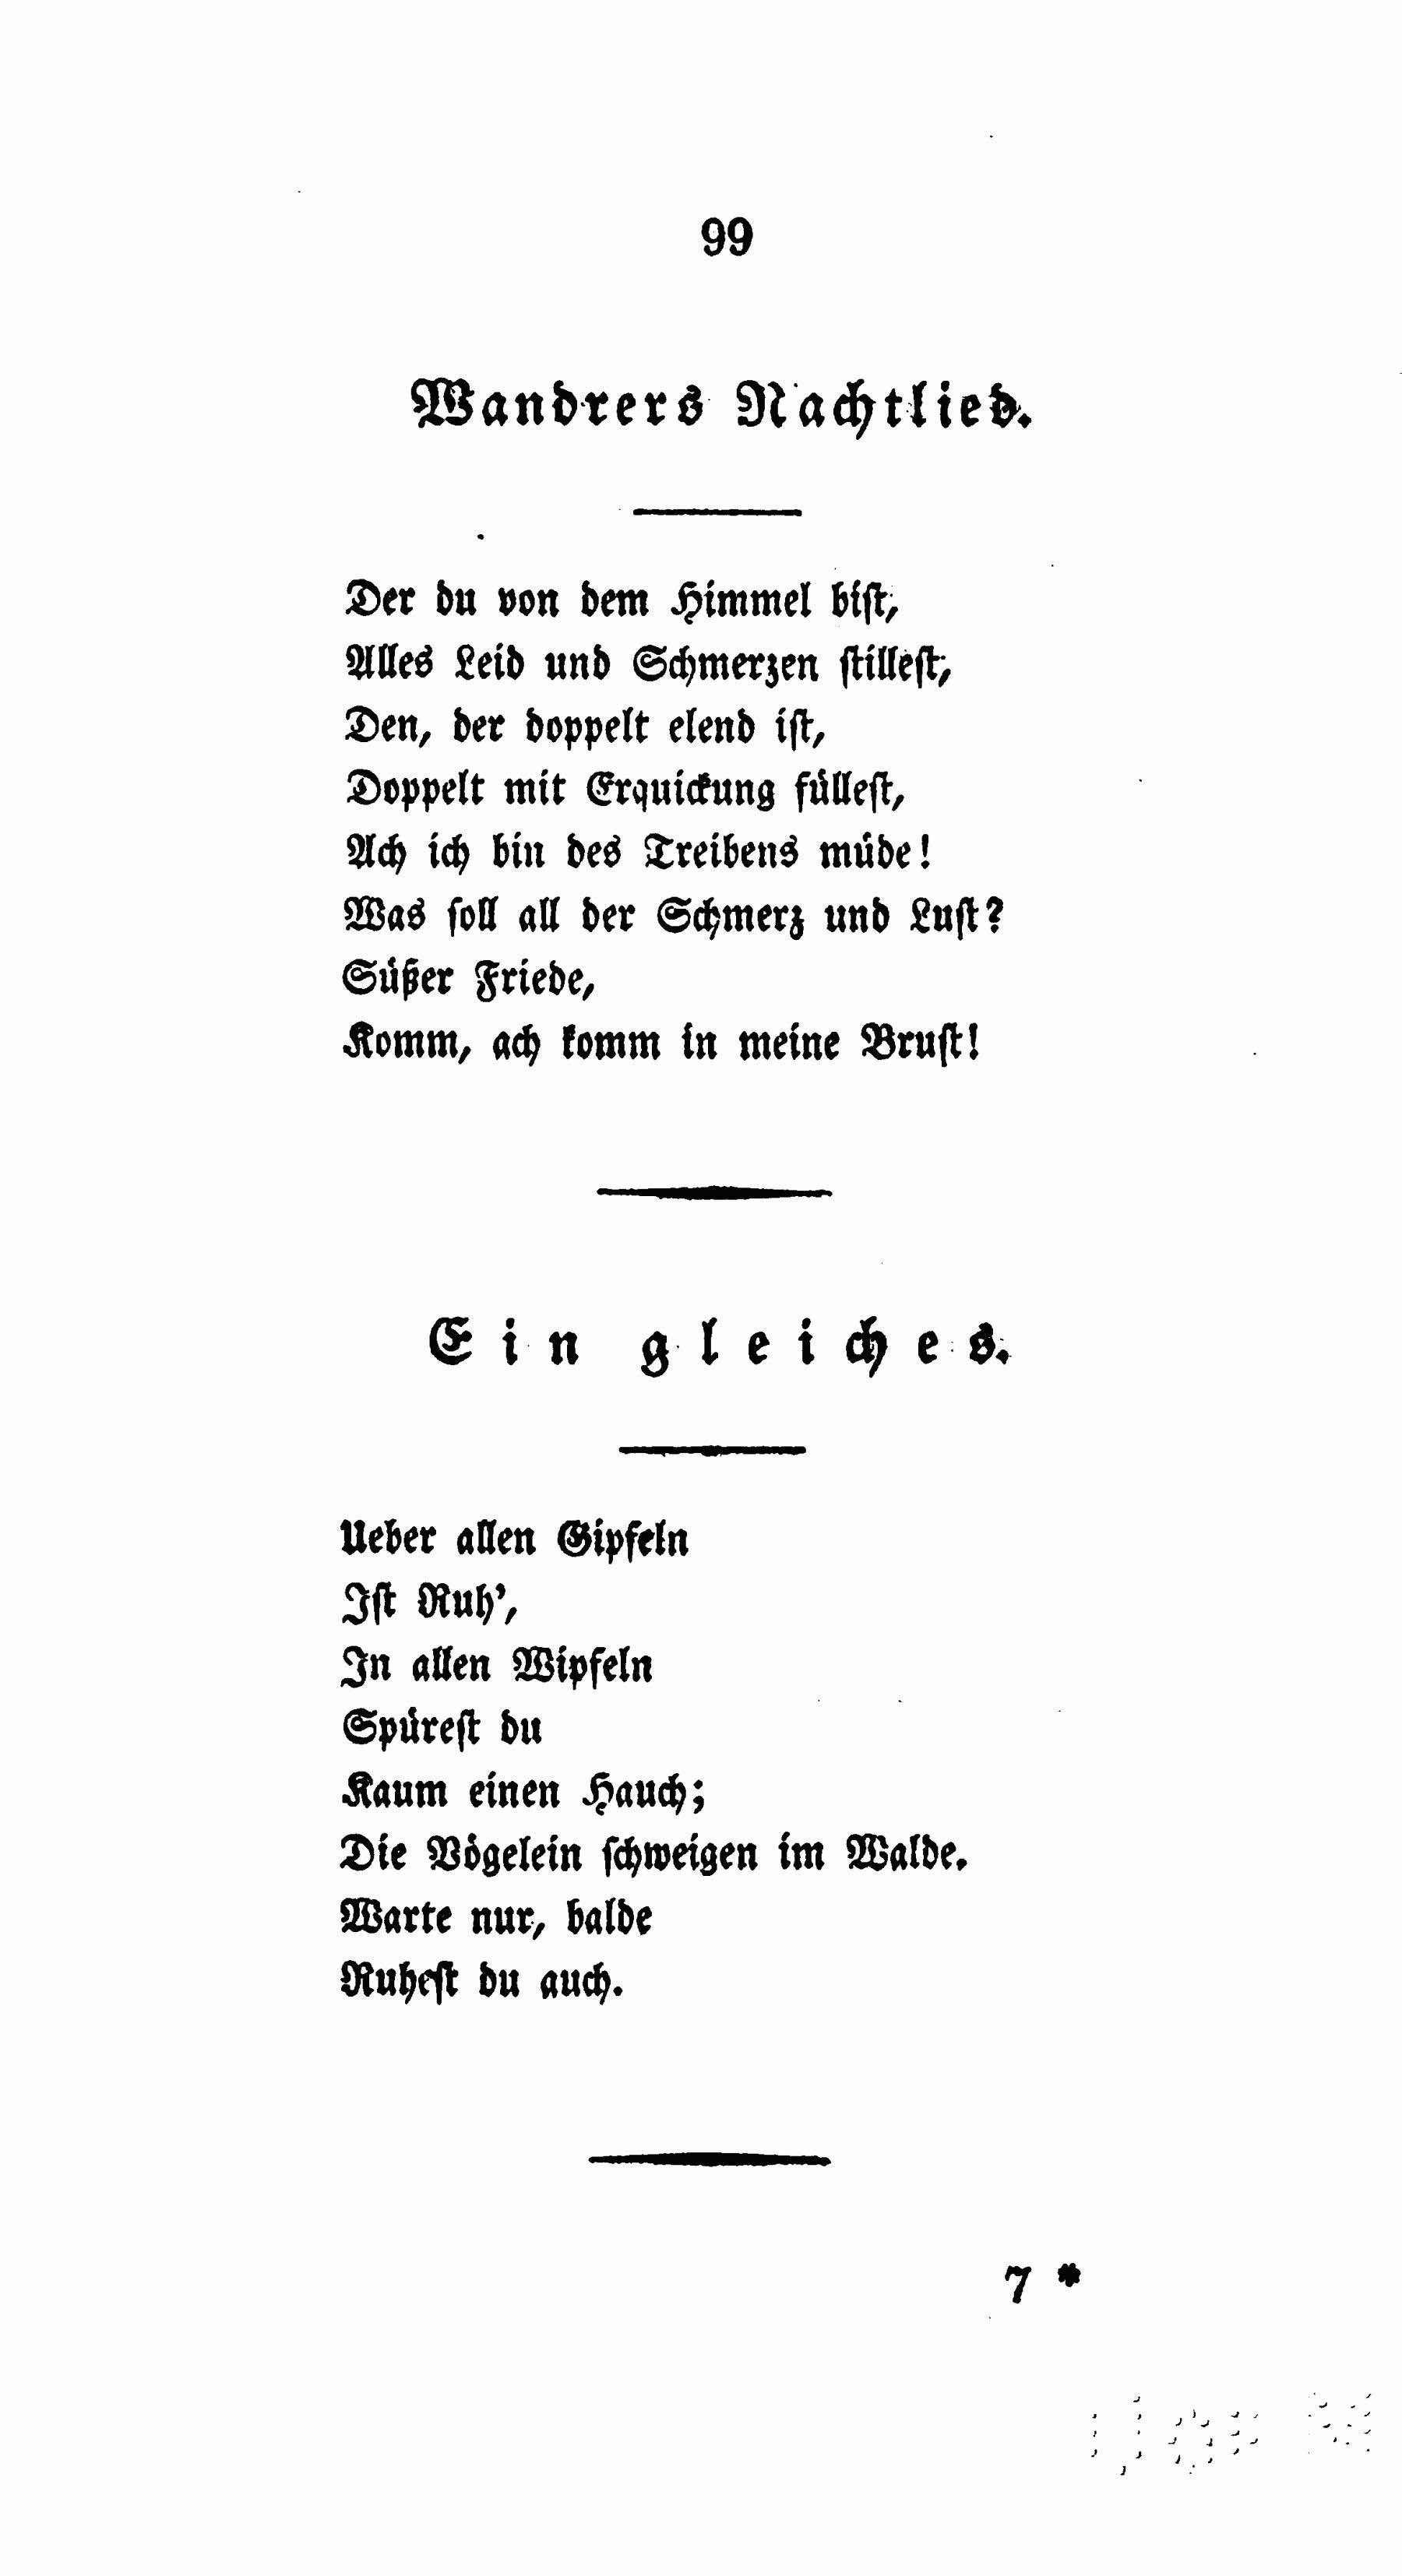 Goethe, Wandrers Nachtlied, Ausgabe letzter Hand, 1827